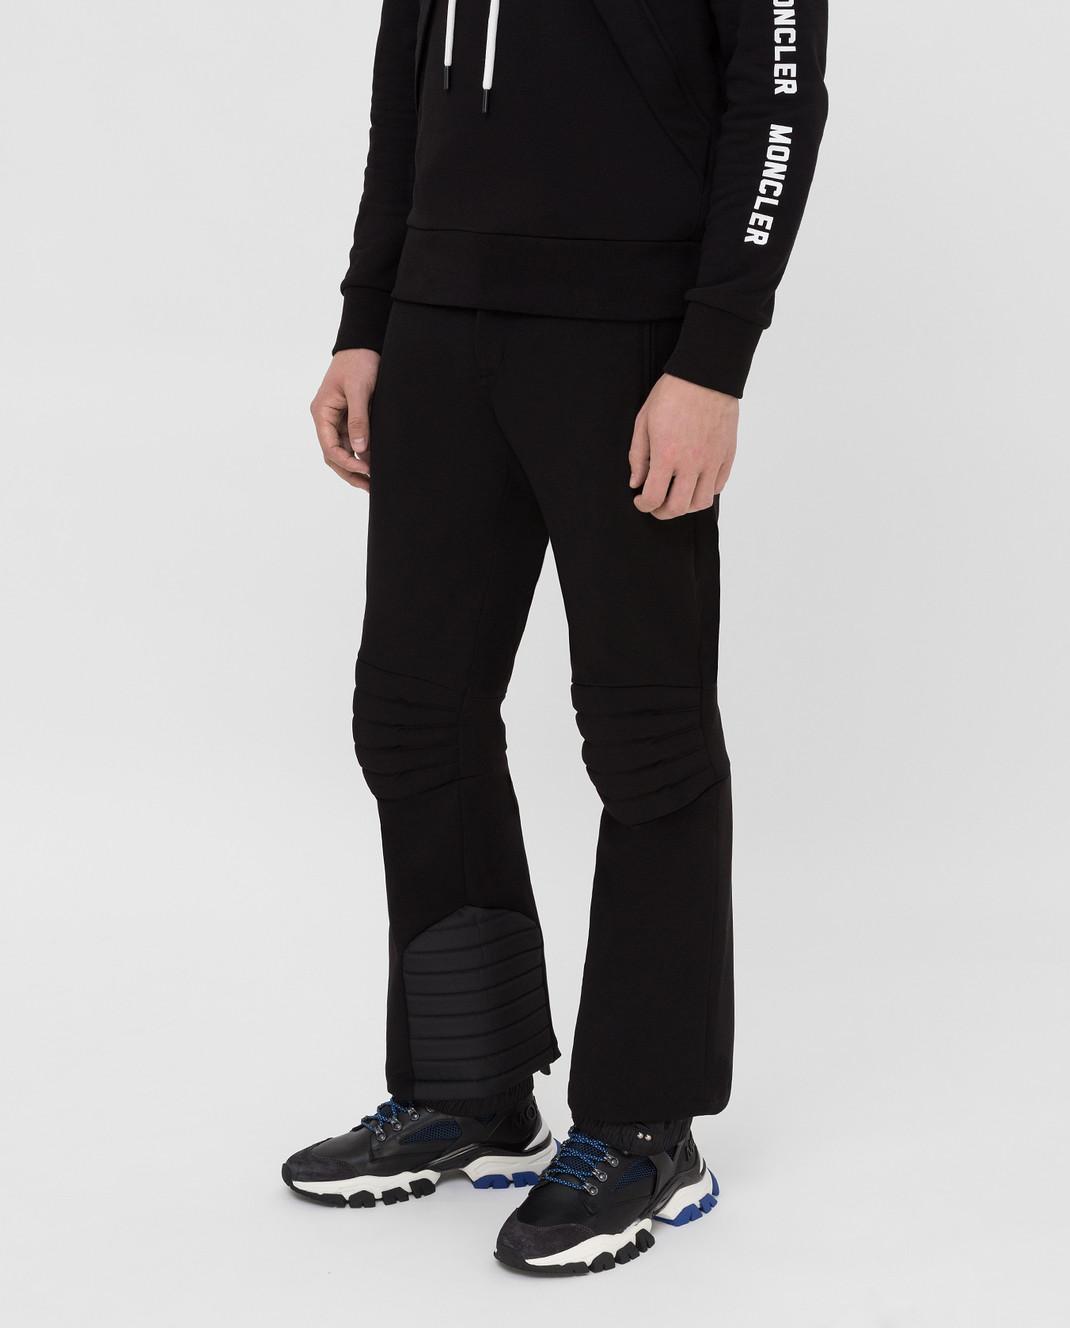 Moncler Grenoble Черные горнолыжные брюки изображение 3